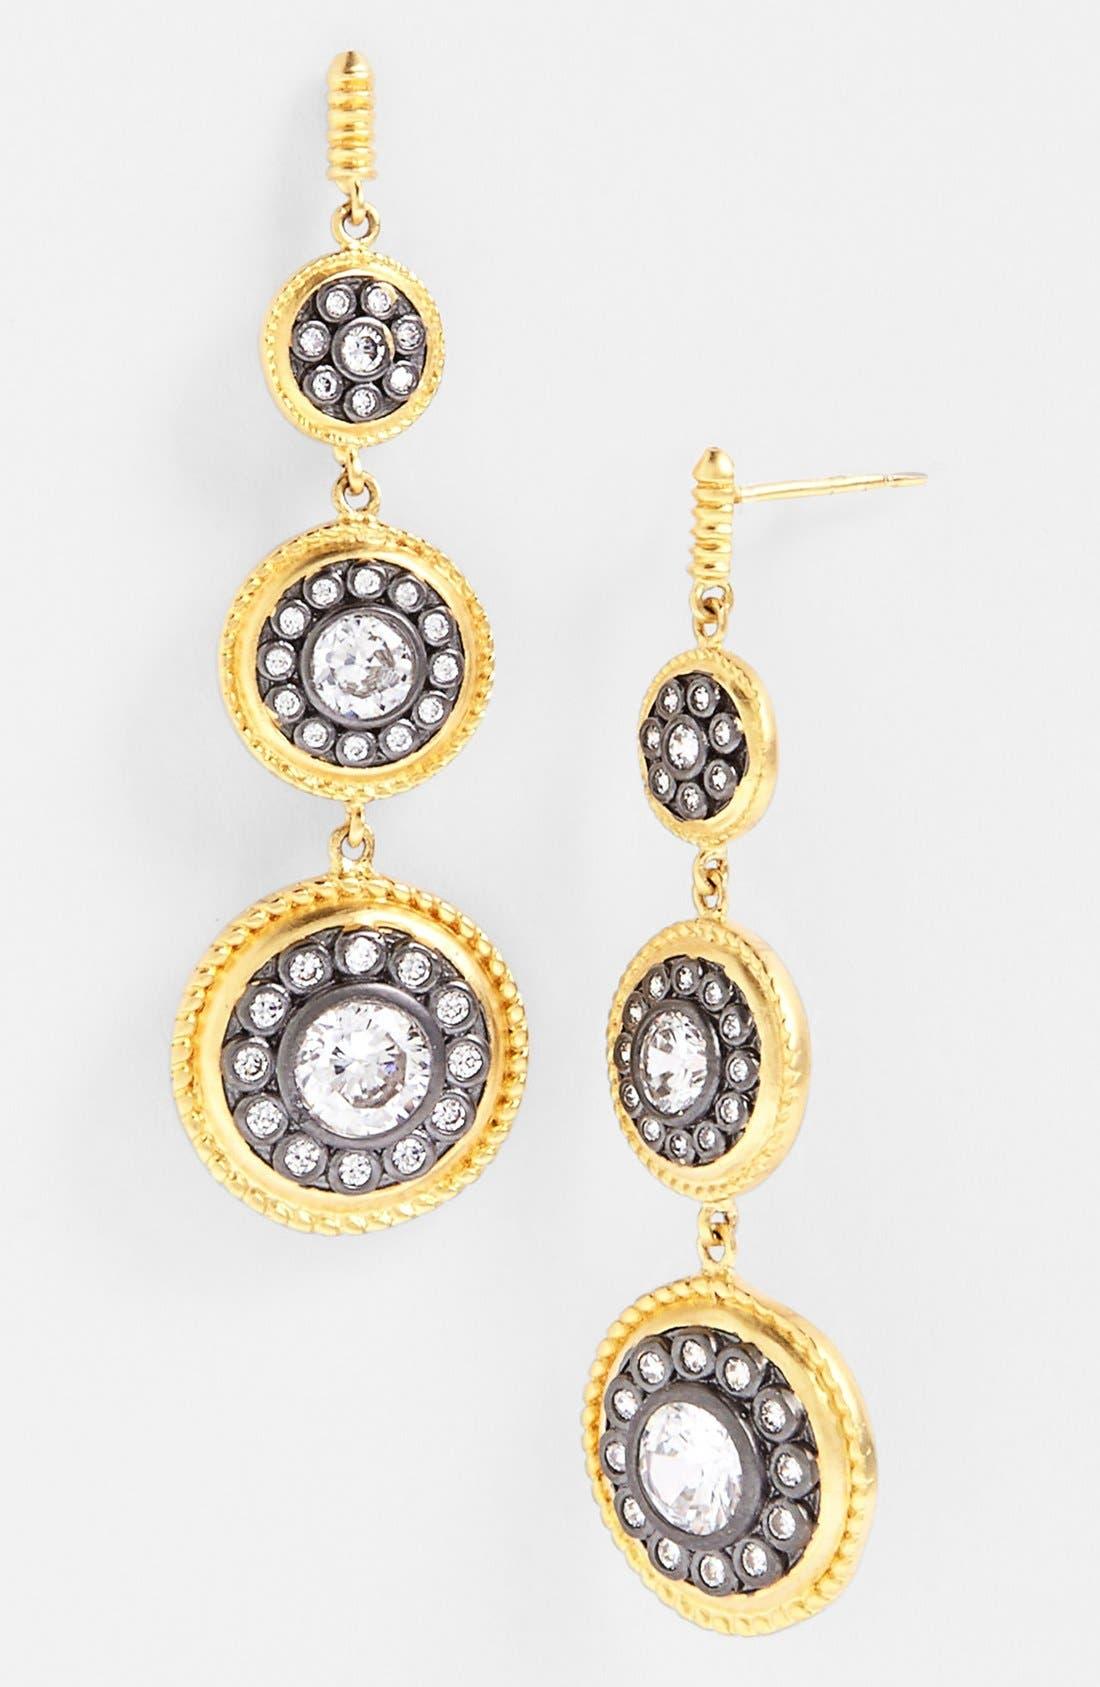 Main Image - FREIDA ROTHMAN 'Hamptons' Nautical Button Drop Earrings